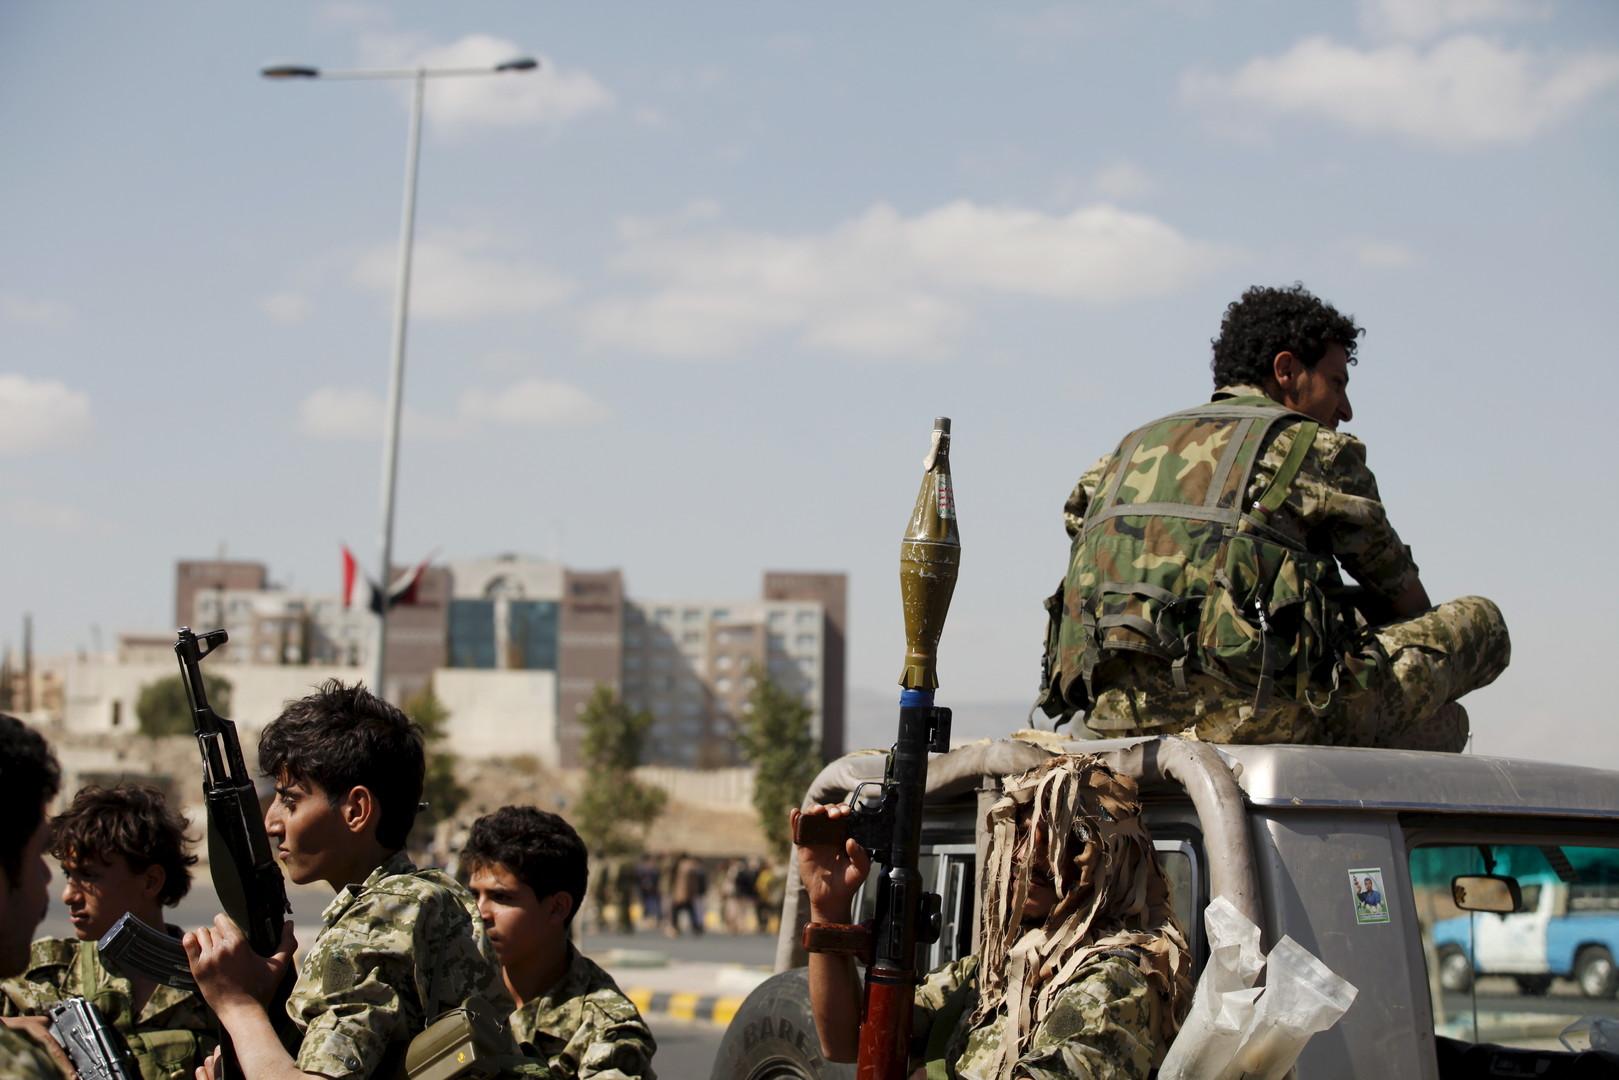 """قُبض على 9 من الصحافيين خلال مداهمة الحوثيين لفندق """"قصر الأحلام"""" بصنعاء (رويترز)"""